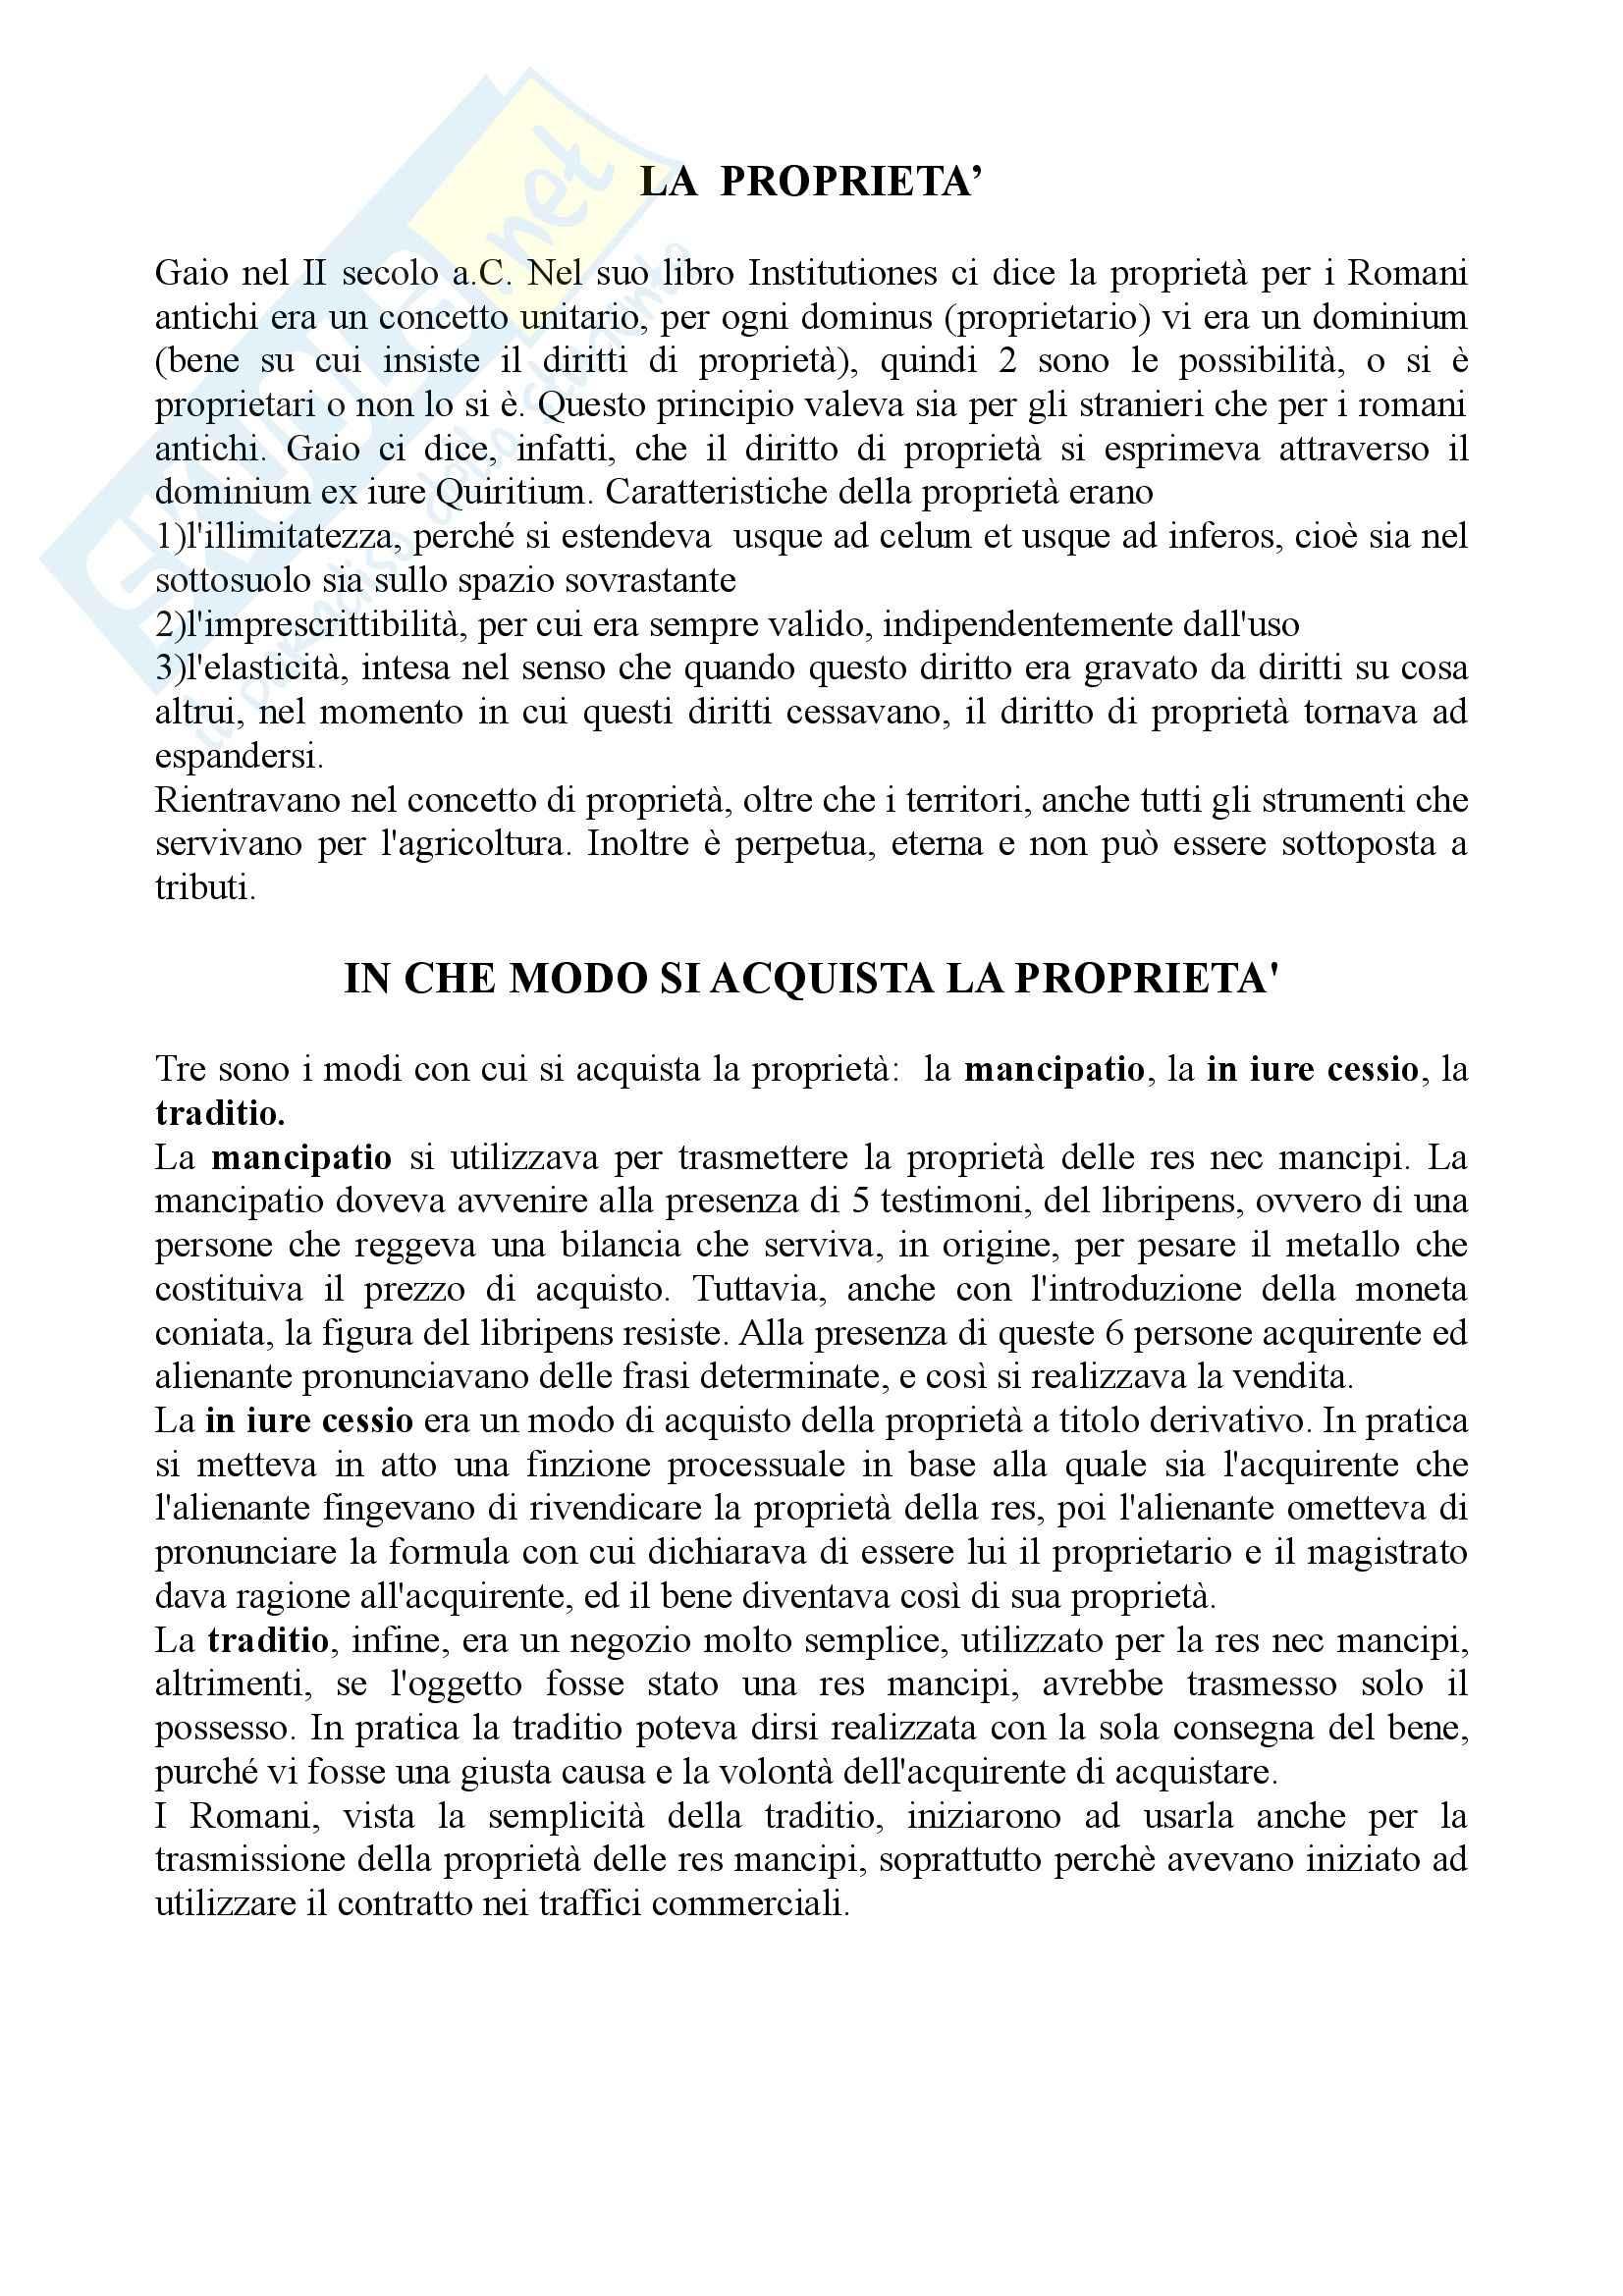 Diritto romano - la proprietà